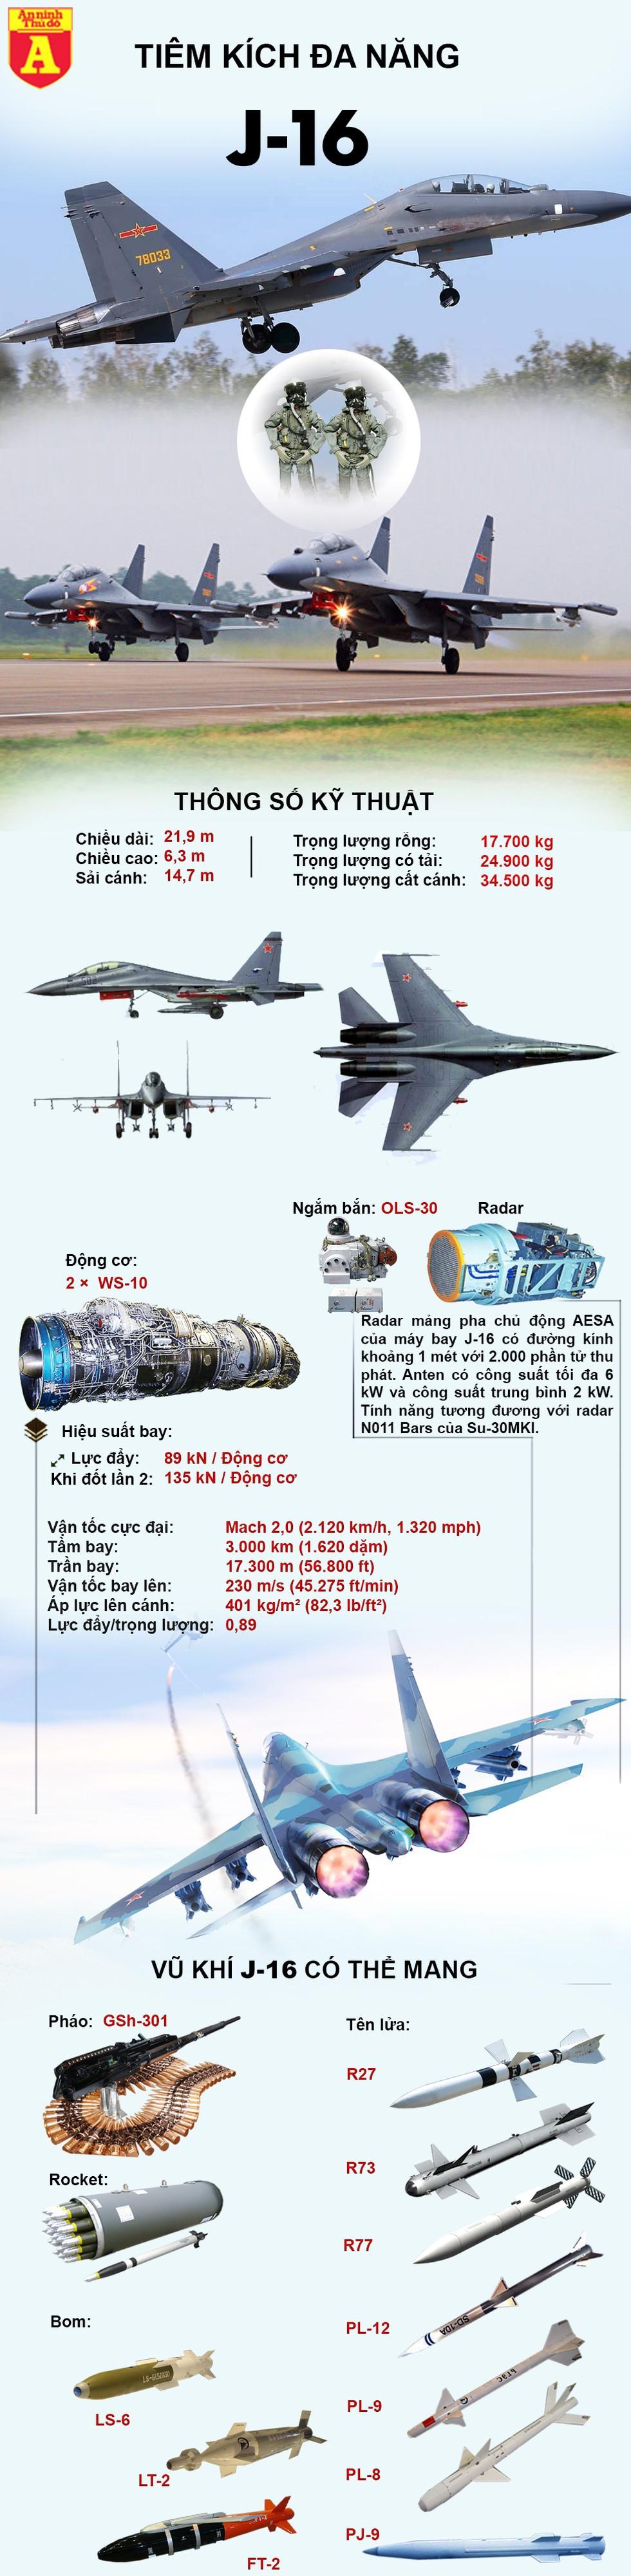 [Infographics] Chiến đấu cơ Trung Quốc sao chép từ Nga được triển khai đấu với Su-30MKI Ấn Độ - Ảnh 1